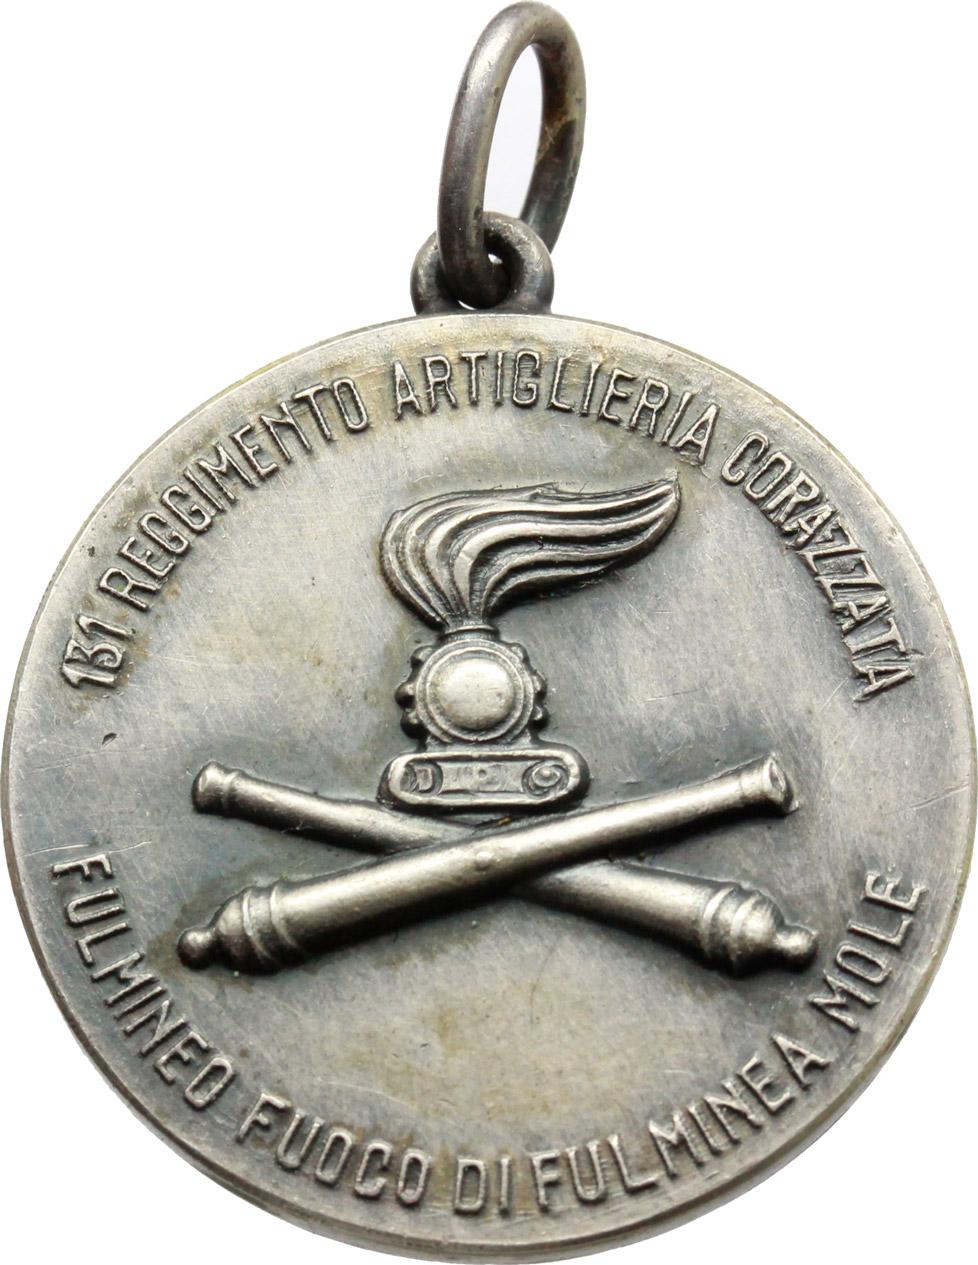 R/  Medaglia 131° Reggimento Artiglieria Corazzata. 'Fulmineo fuoco di fulminea mole'.     AG.   mm. 27.00    SPL.